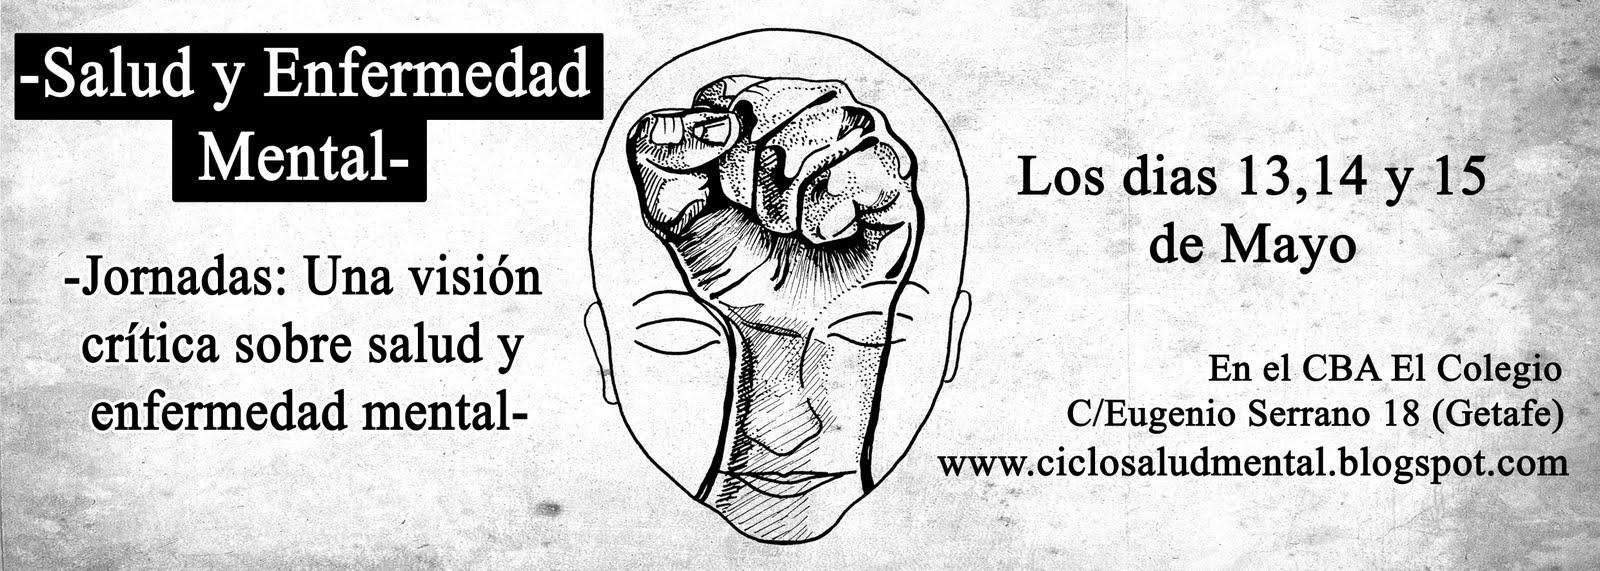 Visión crítica sobre salud y enfermedad mental